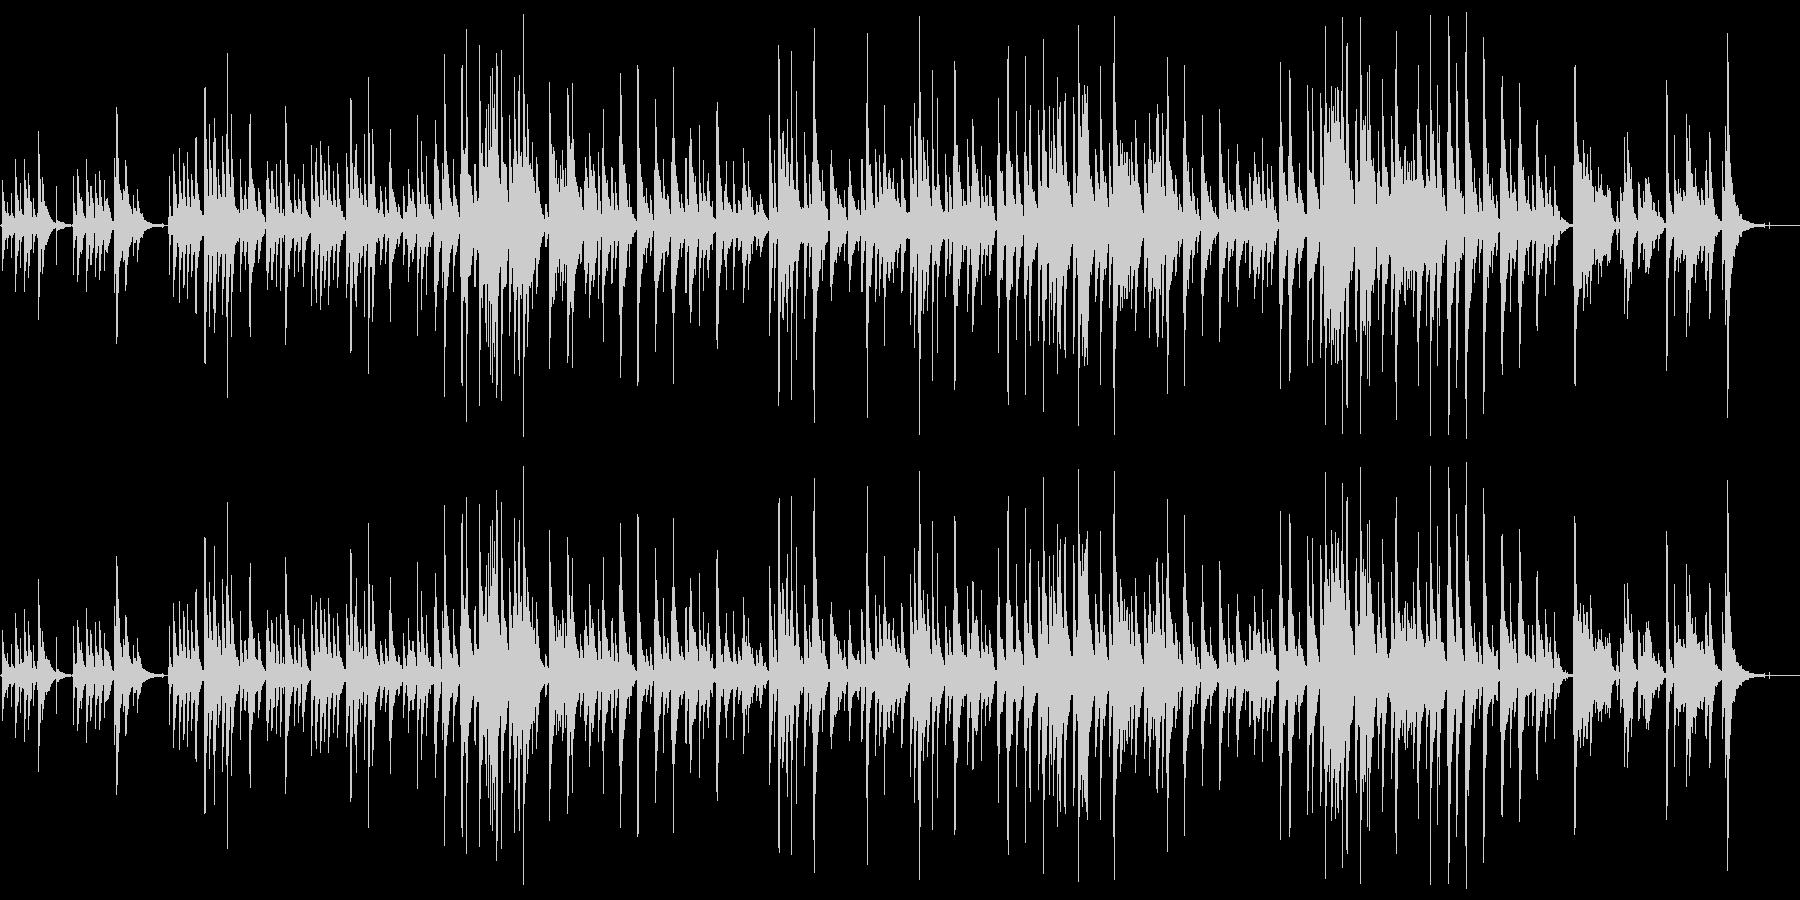 オクラホマミキサーウクレレソロアレンジの未再生の波形